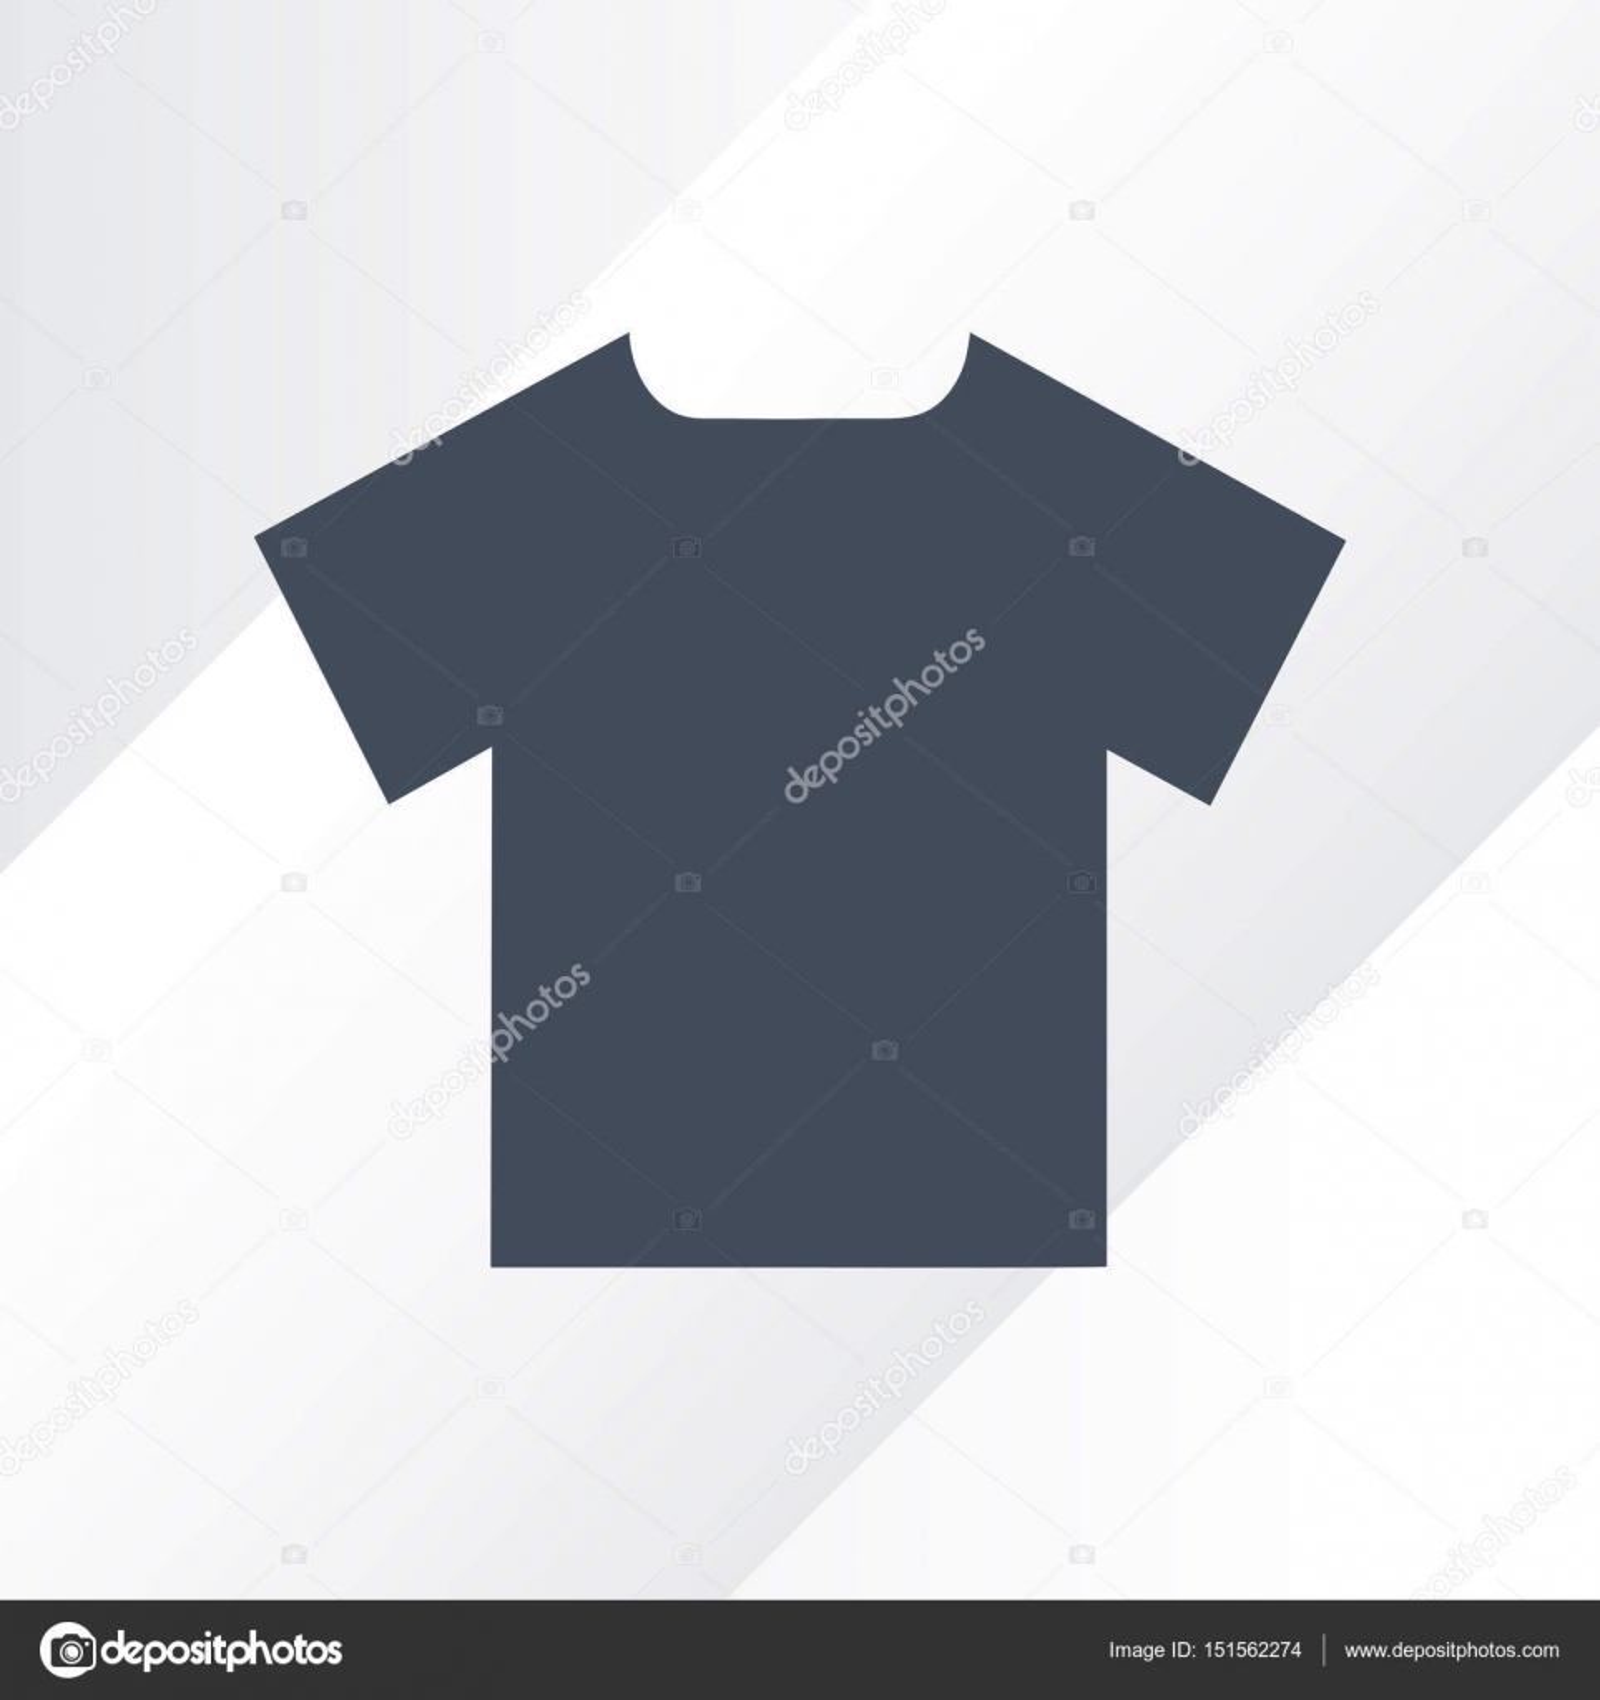 Vektor v-neck T-shirt Modell. Herren schwarz Kurzarm T-shirt Vorlage ...